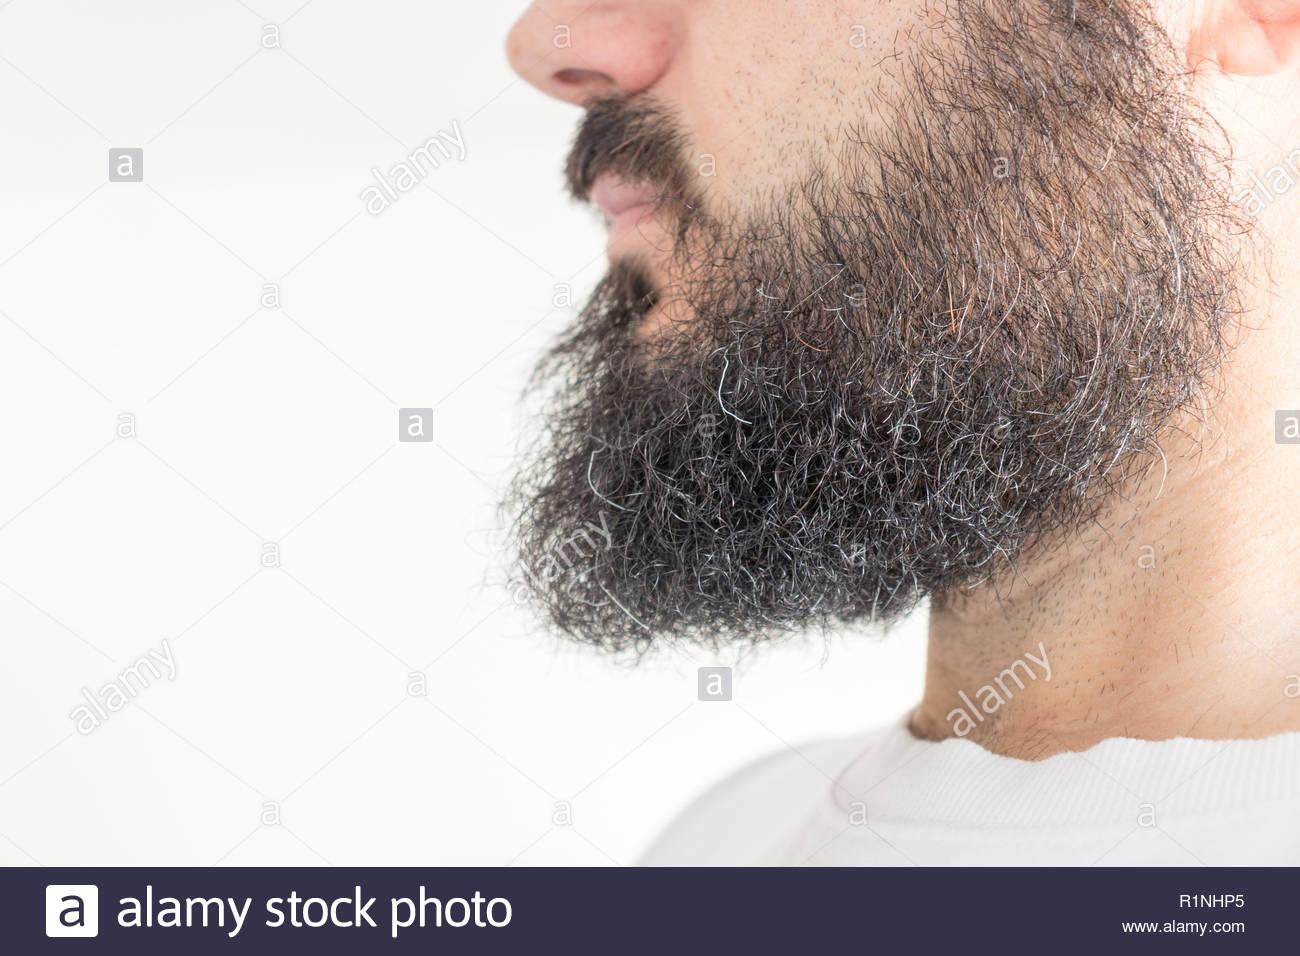 profil de l'homme à barbe noirs frisés banque d'images, photo stock